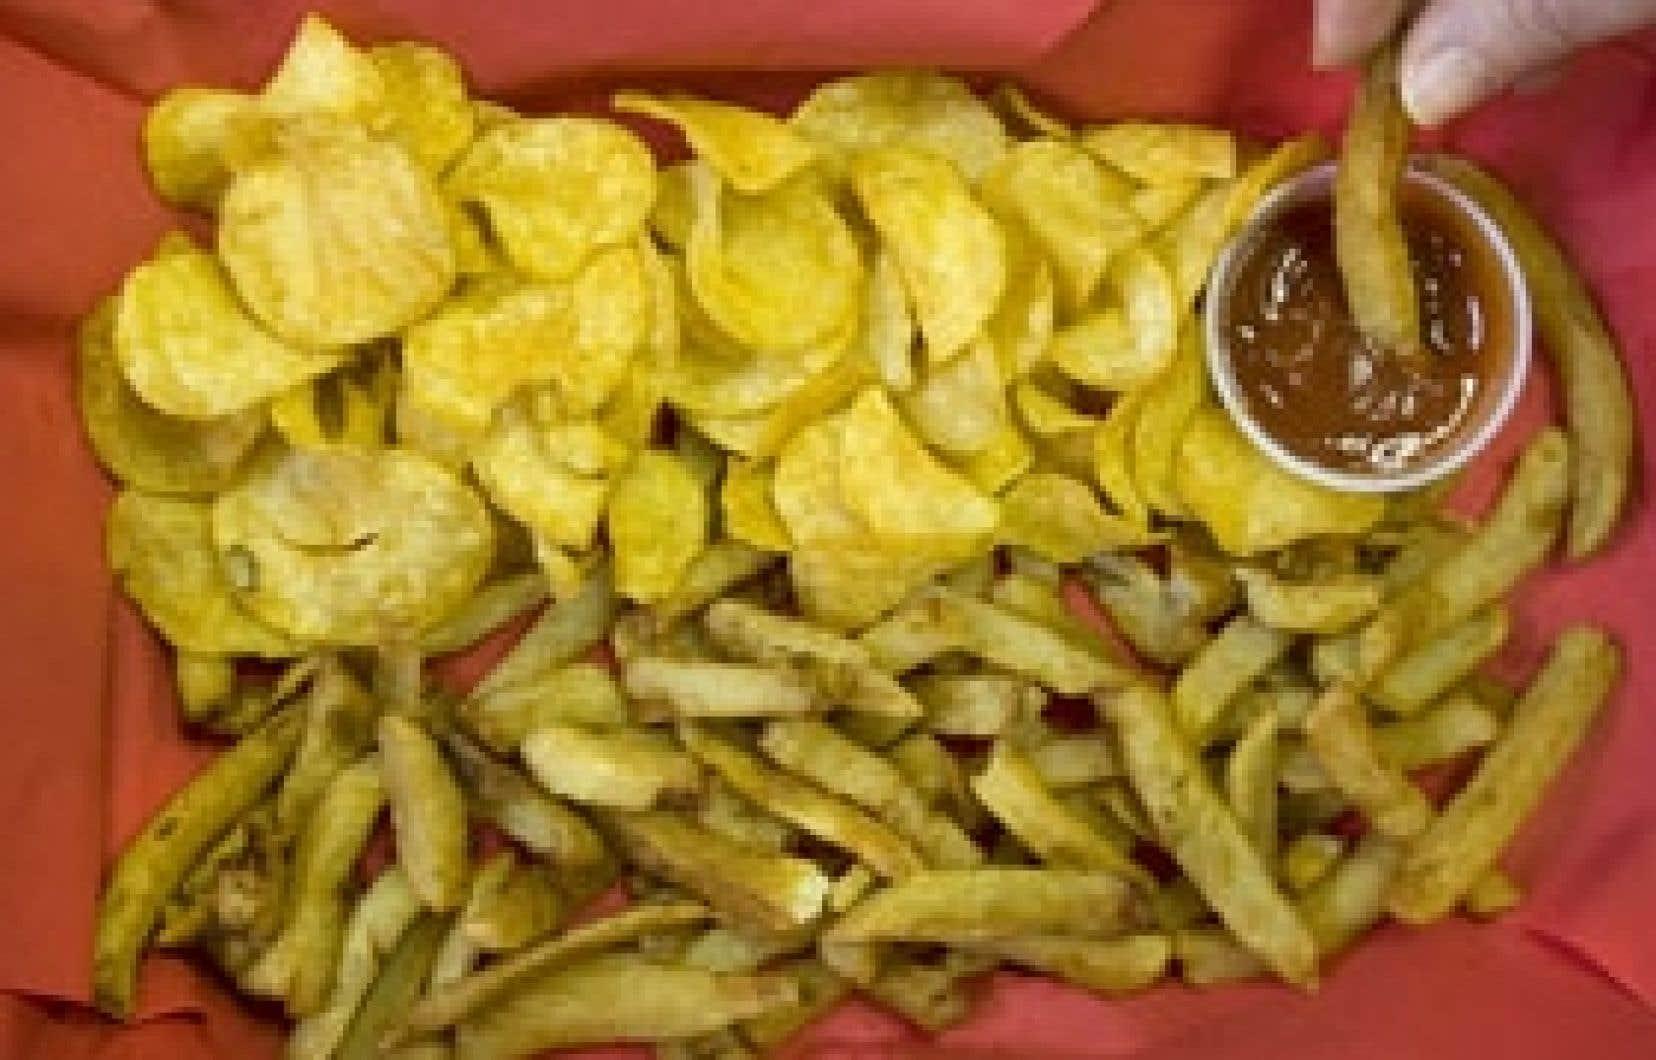 Friands des croustilles et des frites? Il vaudrait mieux limiter votre consommation puisque l'acrylamide qu'elles recèlent est susceptible d'occasionner le cancer.